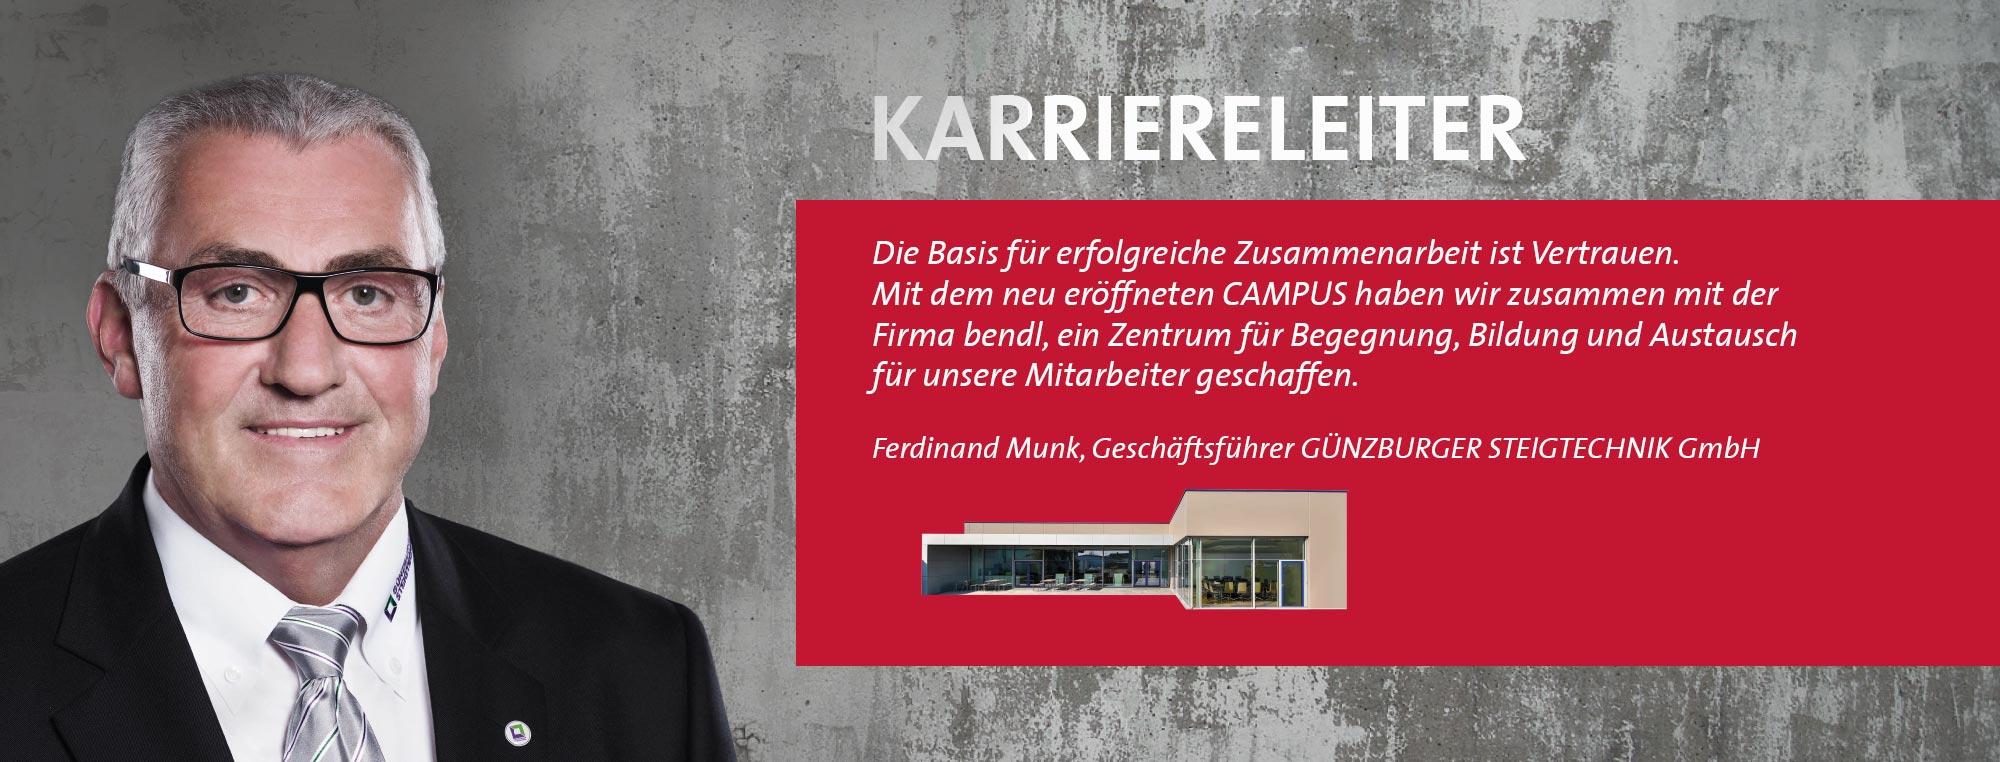 Ferdinand Munk - GÜNZBURGER STEIGTECHNIK GmbH